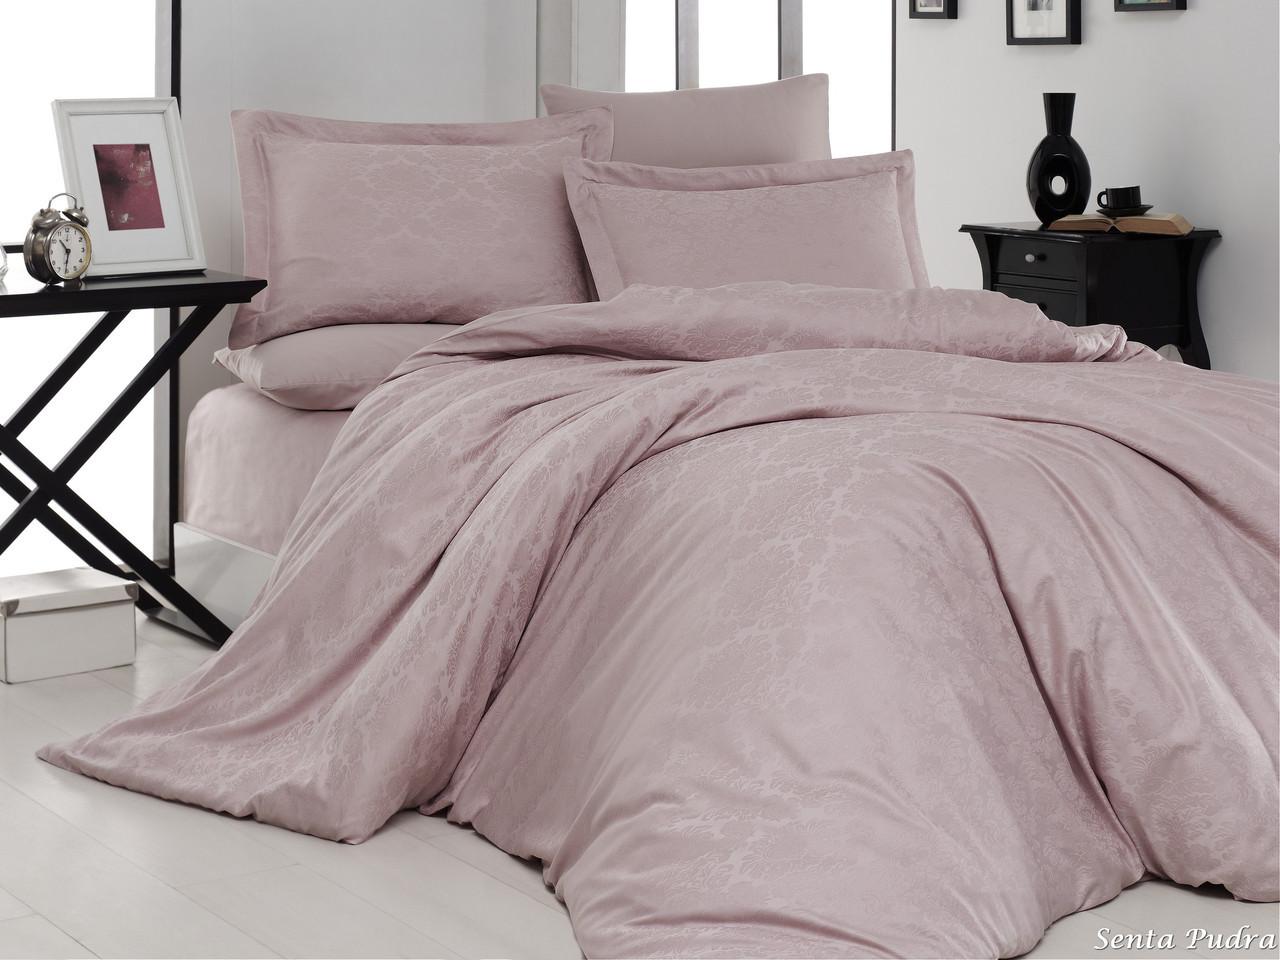 Комплект постільної білизни First Choice Satin Jacquard Cotton сатин-жаккард євро арт.Senta Pudra